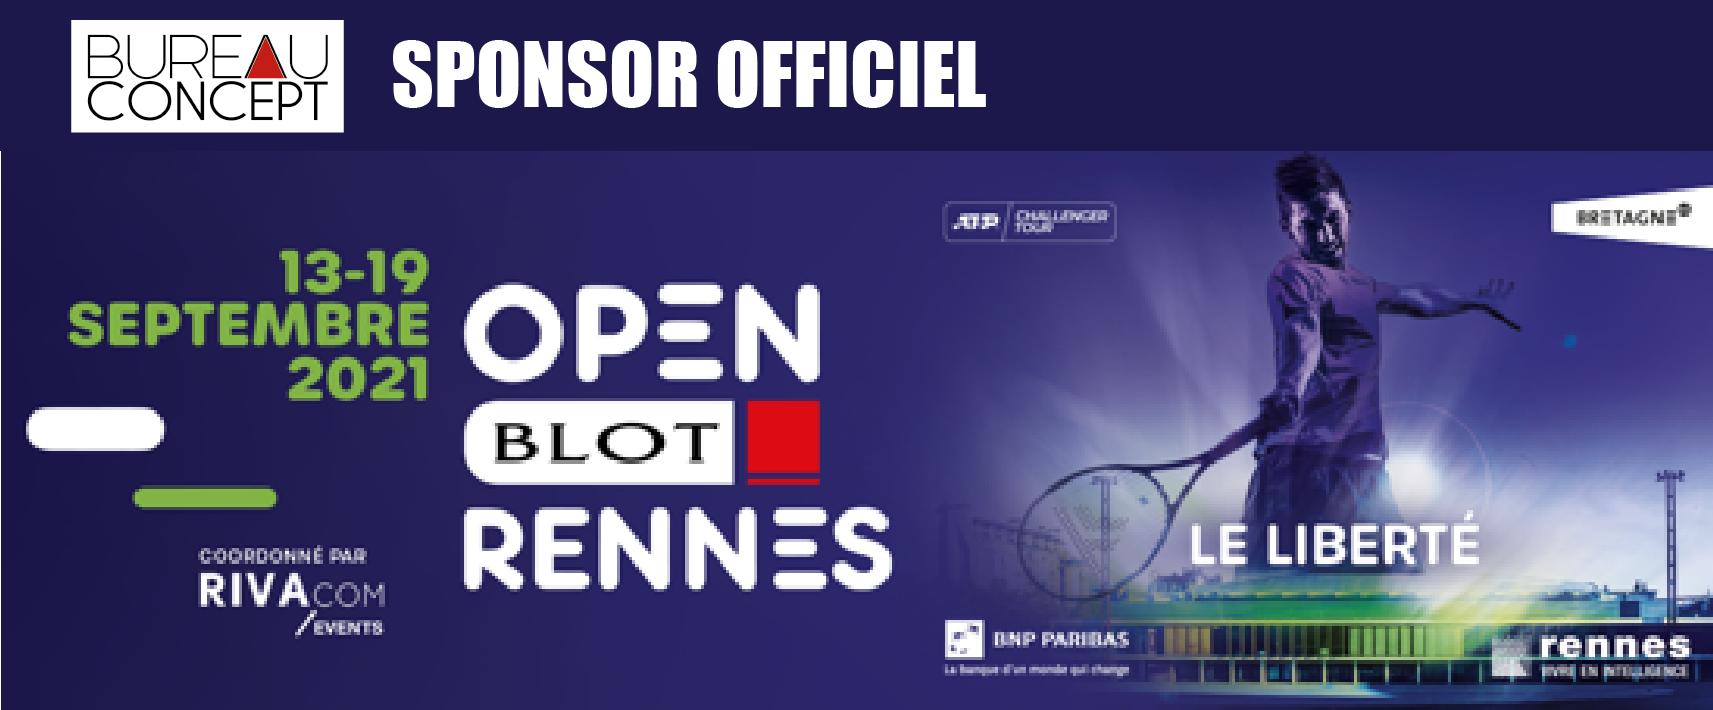 Signature Open de tennis 2021 V2-01